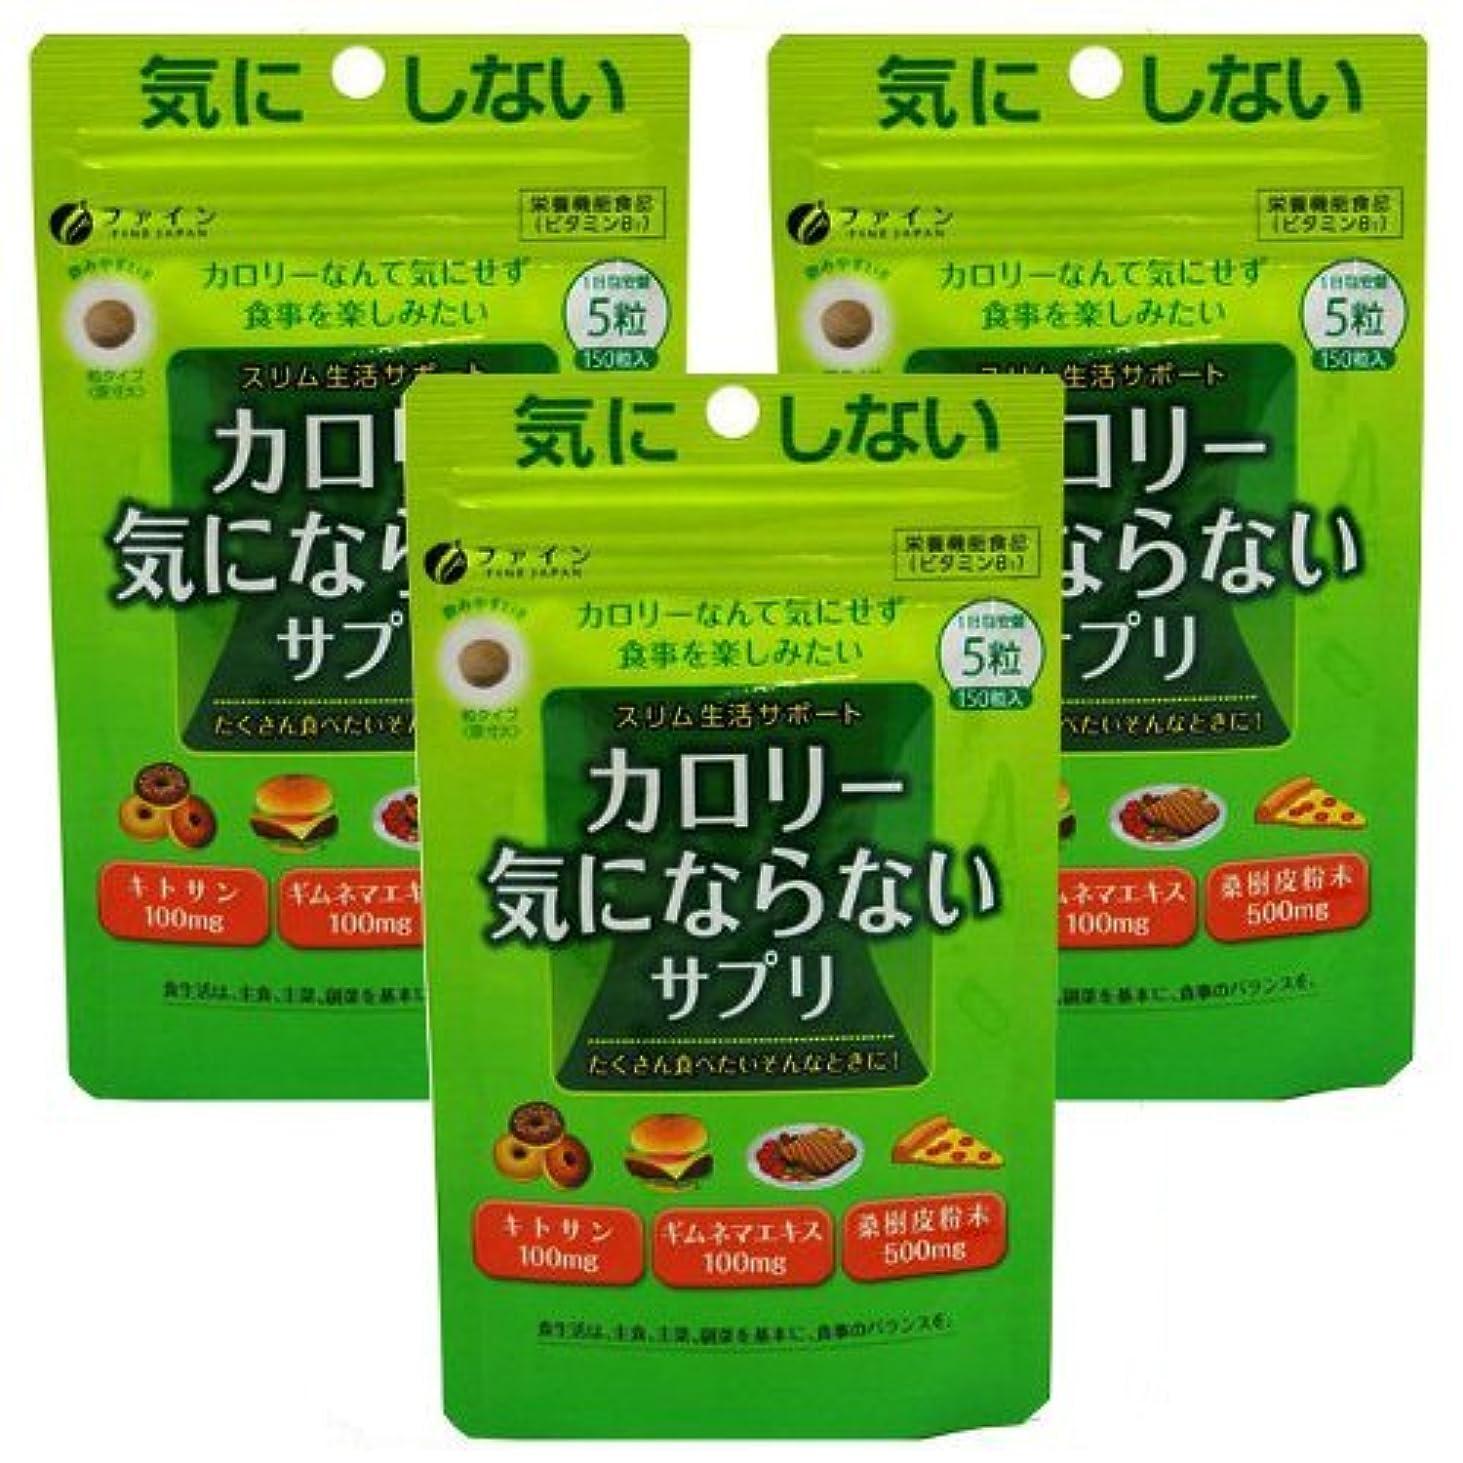 冷蔵する大量経歴カロリー気にならないサプリ 150粒(約1ヶ月分)×3袋